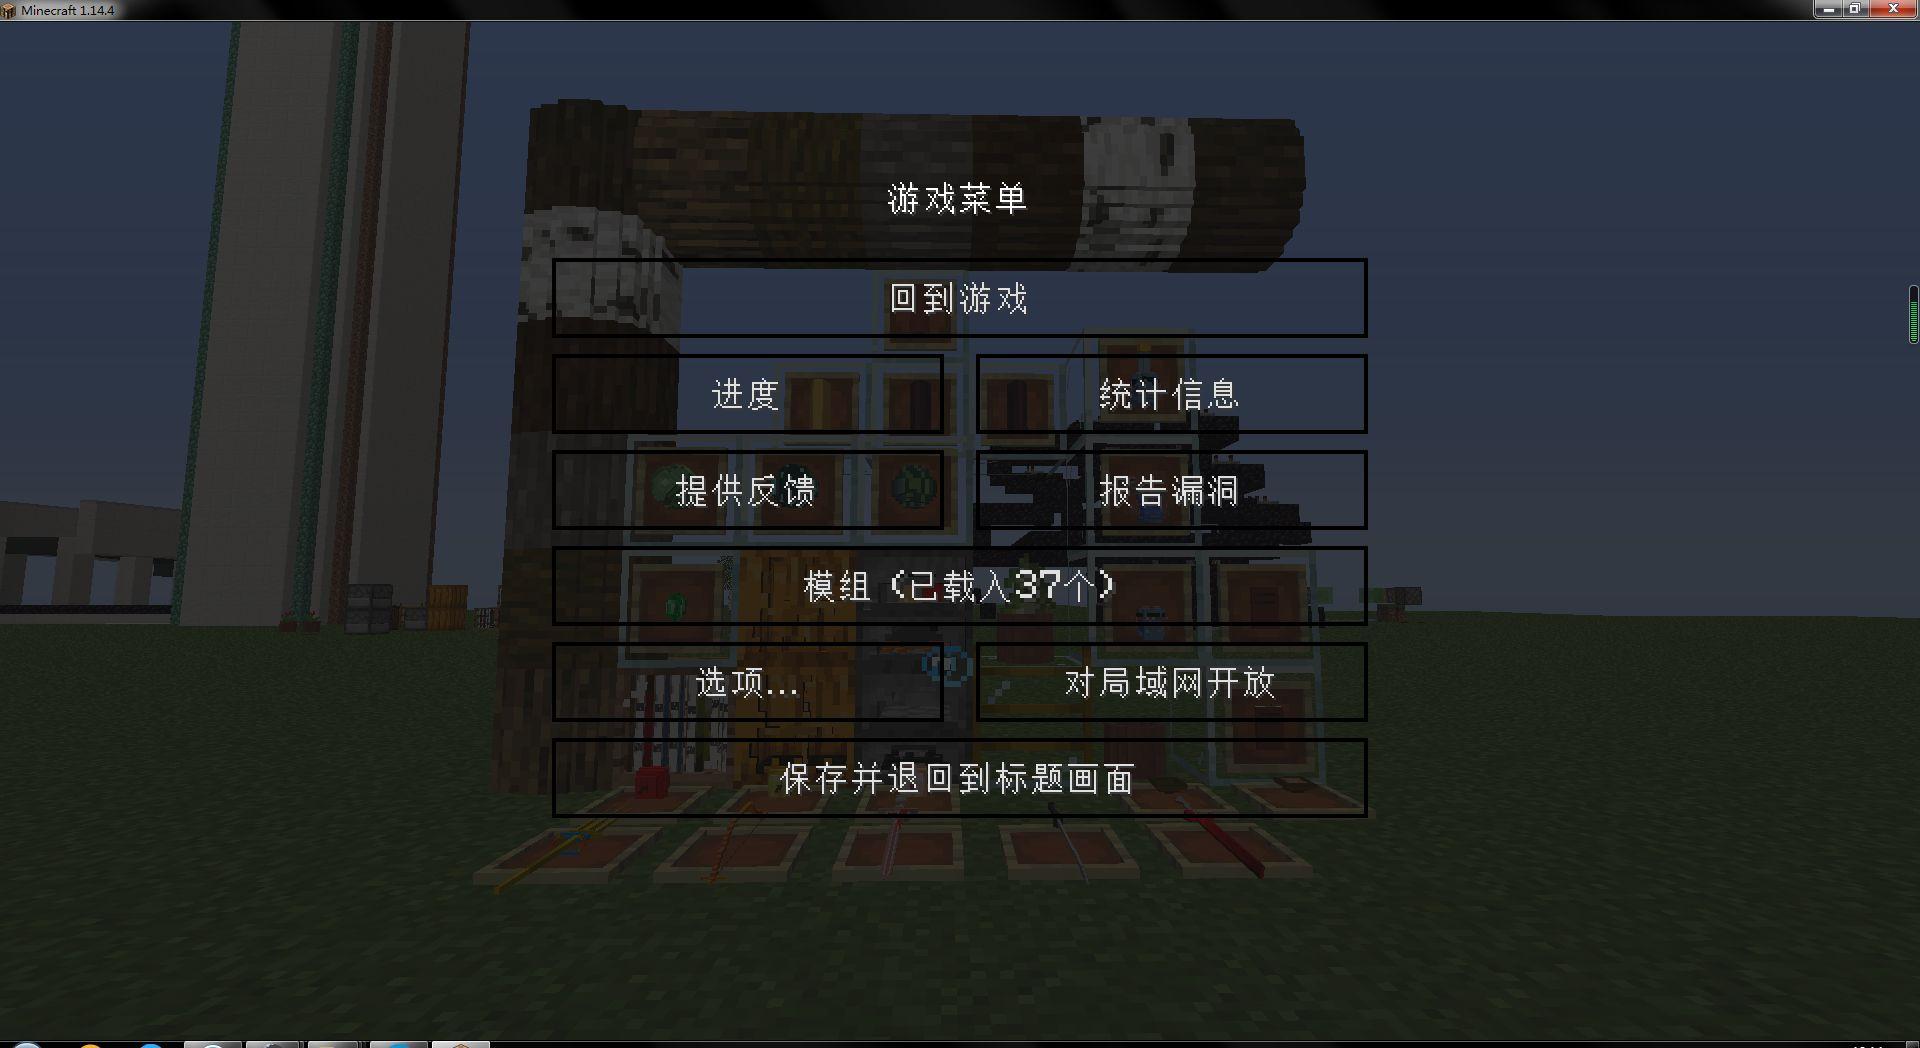 file_1588384433000.jpg